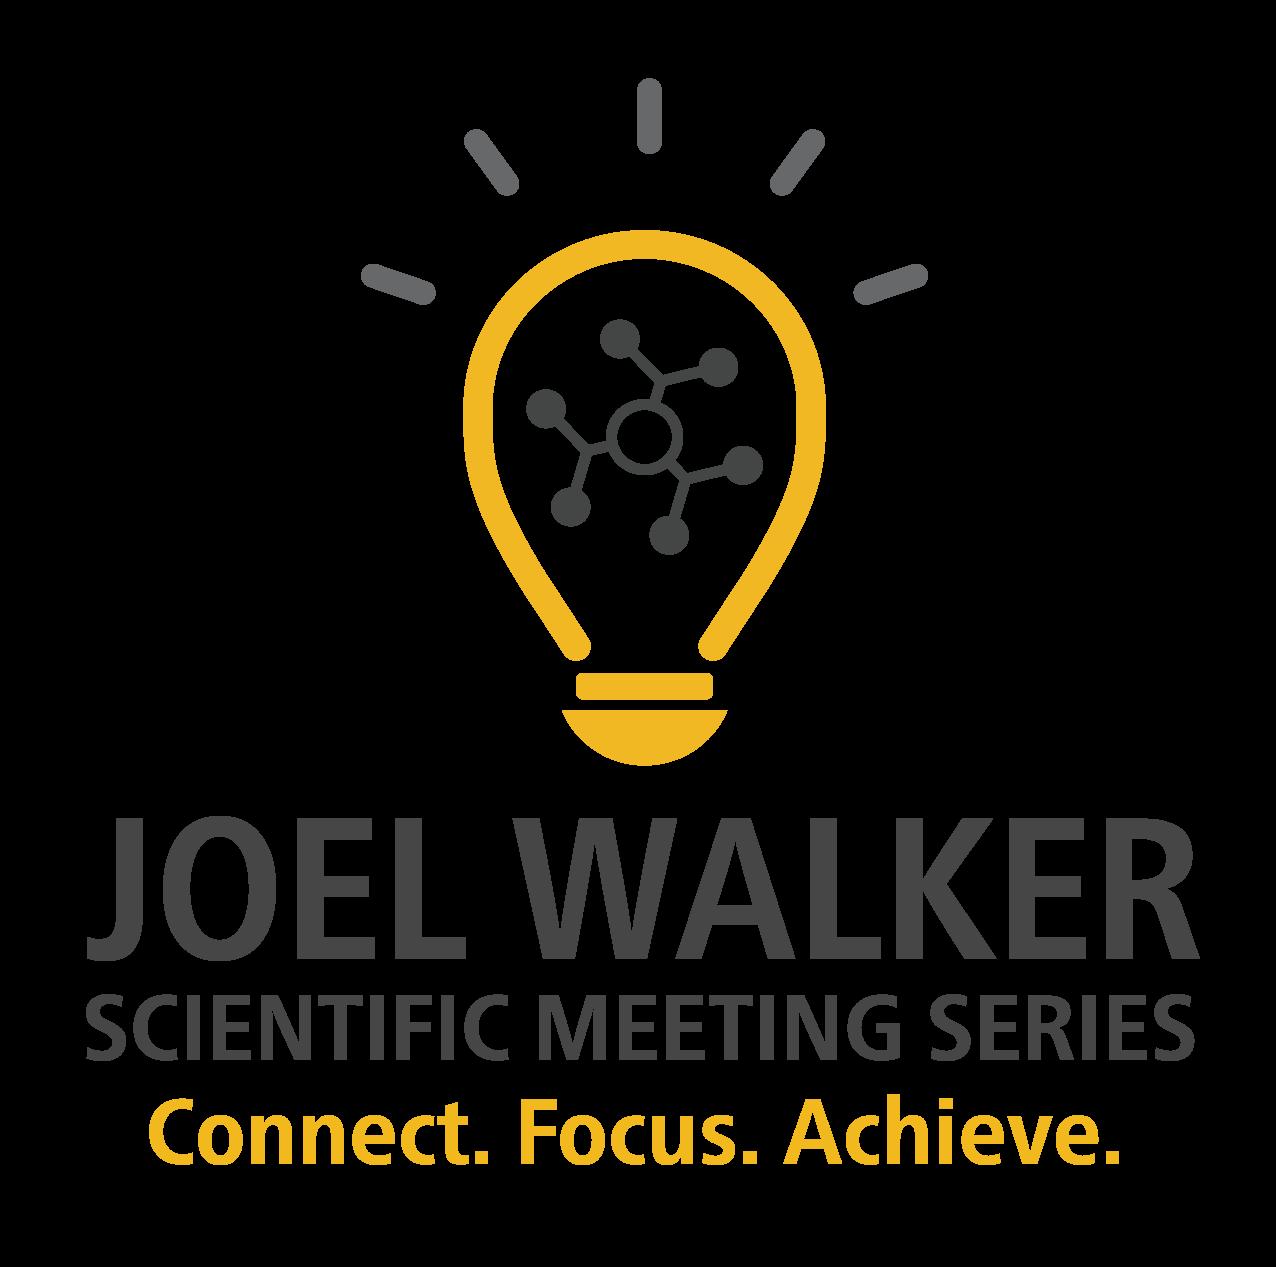 Joel Walker Scientific Meeting Series Logo